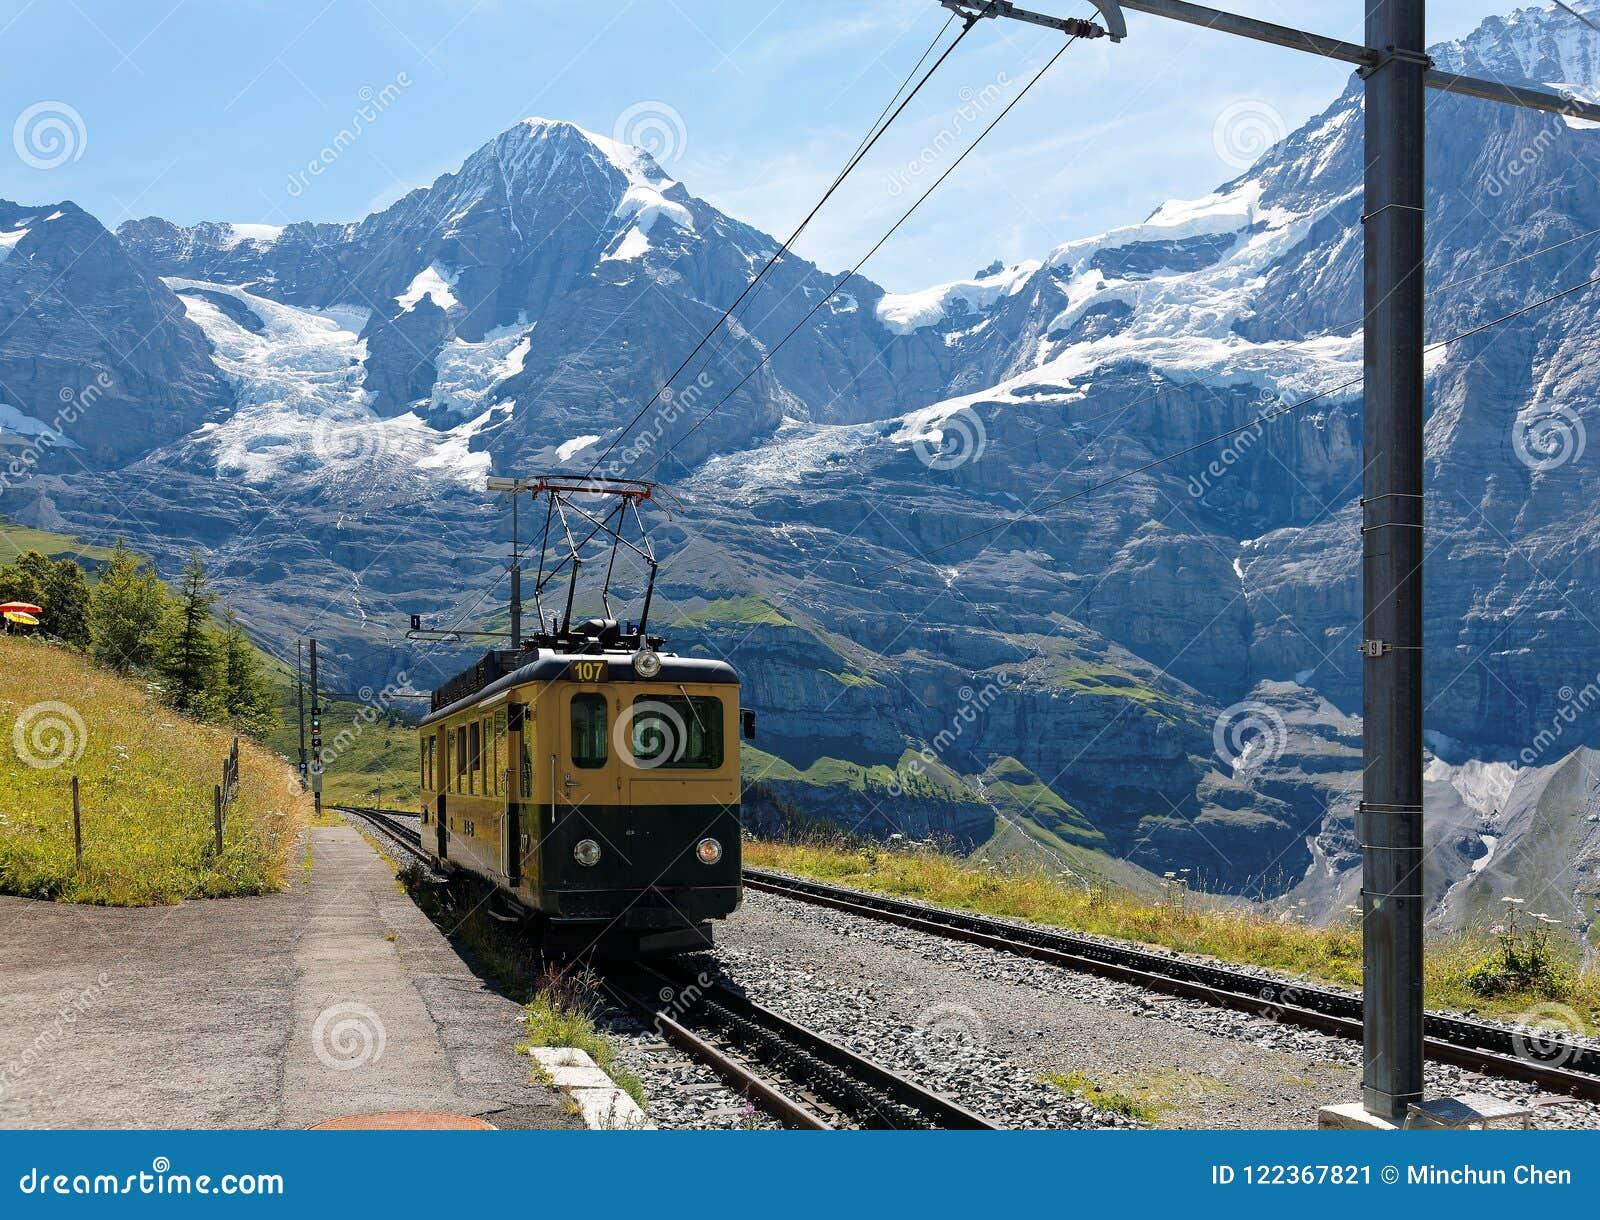 Un train de roue de dent voyageant sur le chemin de fer de montagne de Wengen à la station de Kleine Scheidegg